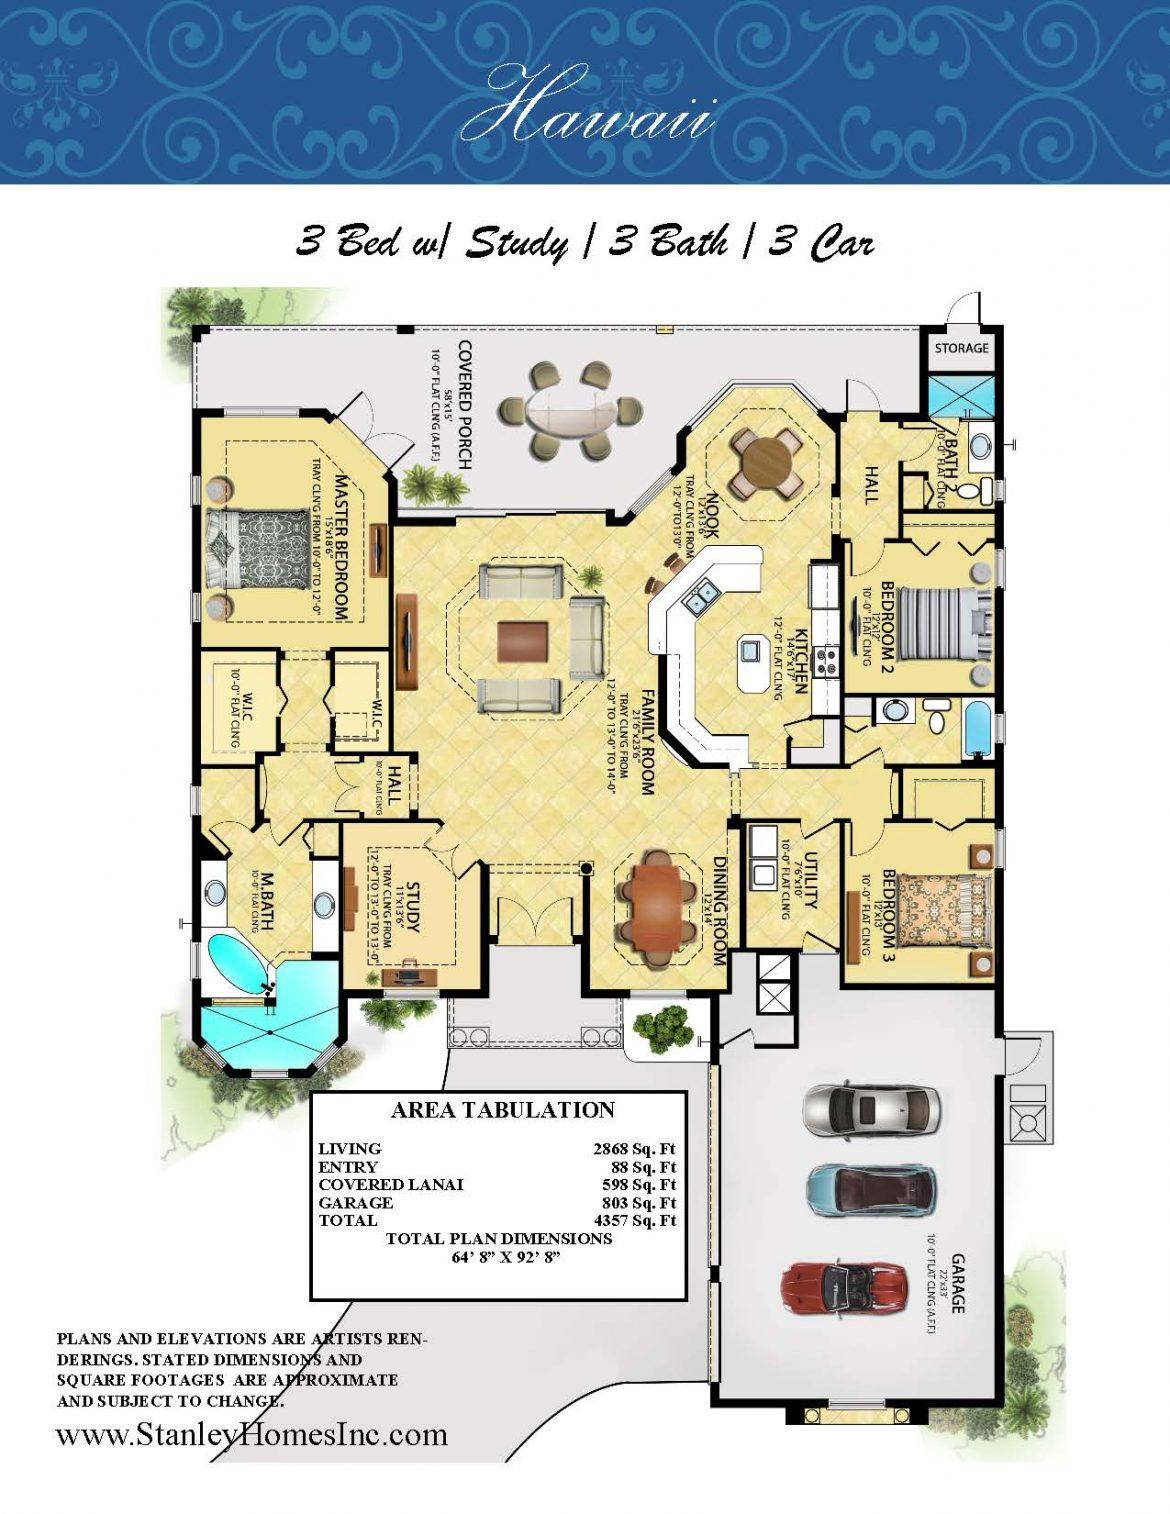 Stanley Homes Hawaii Floor Plan custom home in Viera and Brevard FL